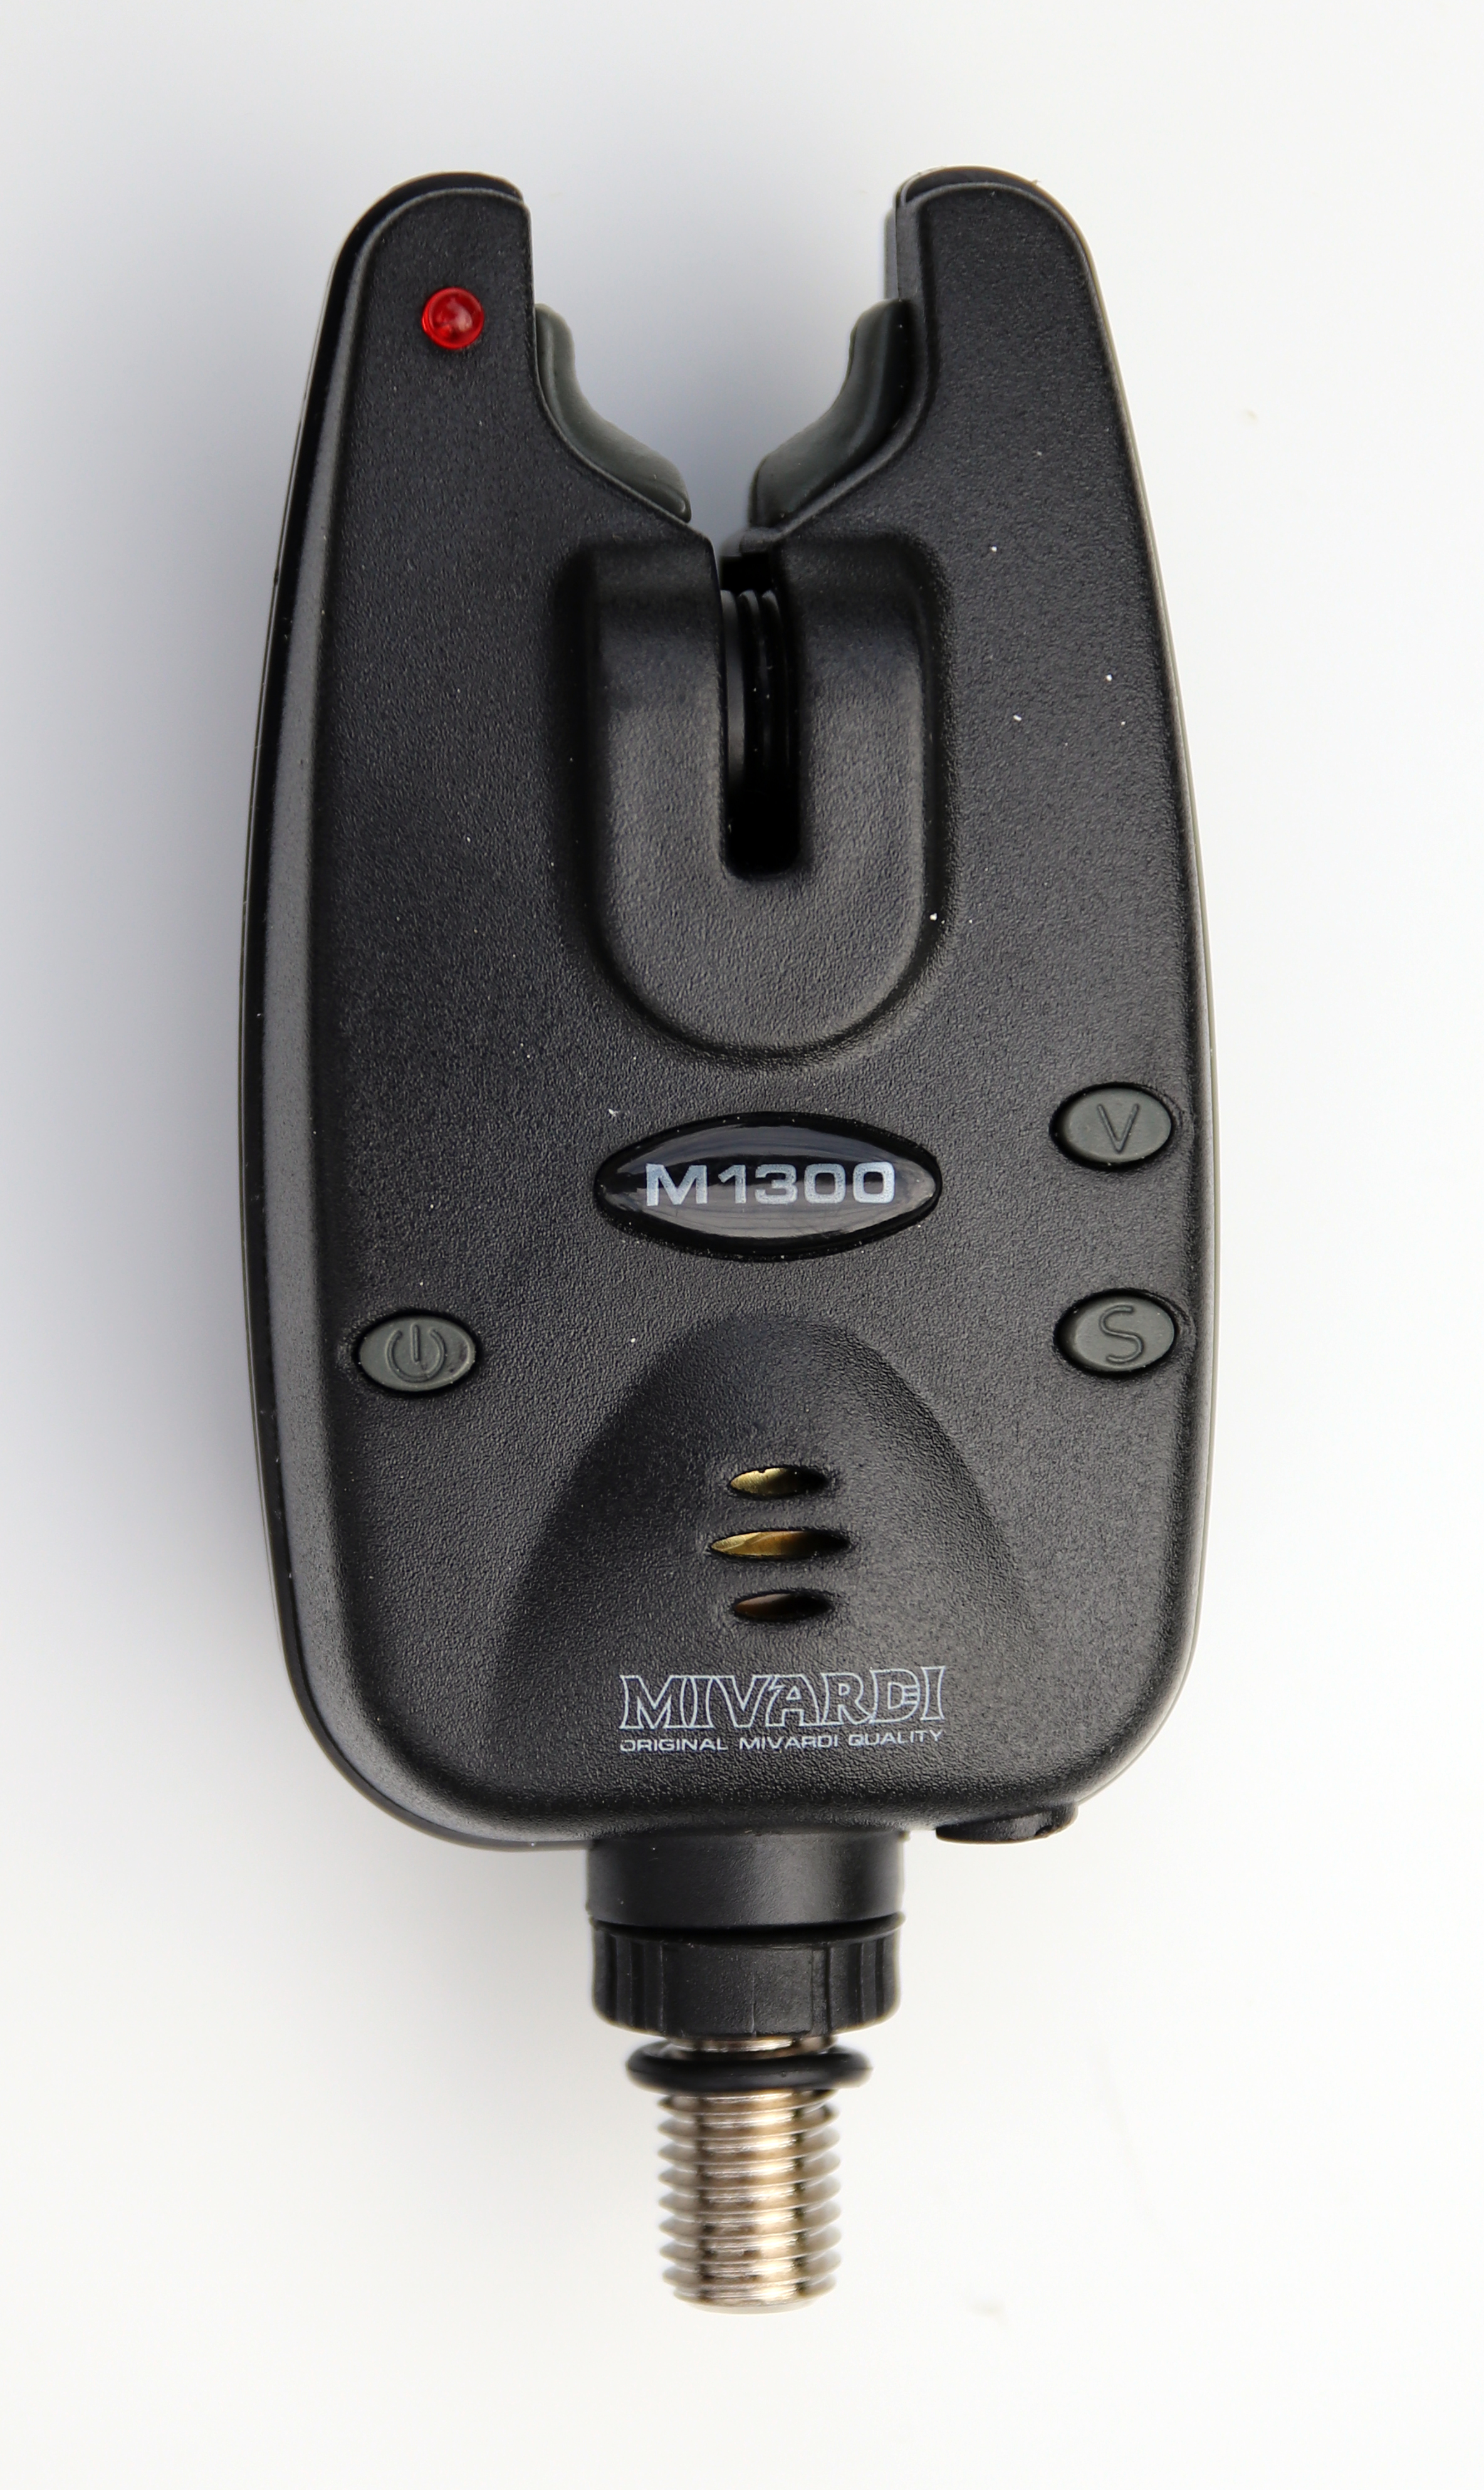 Signalizátor M1300 Wireless - žluté diody